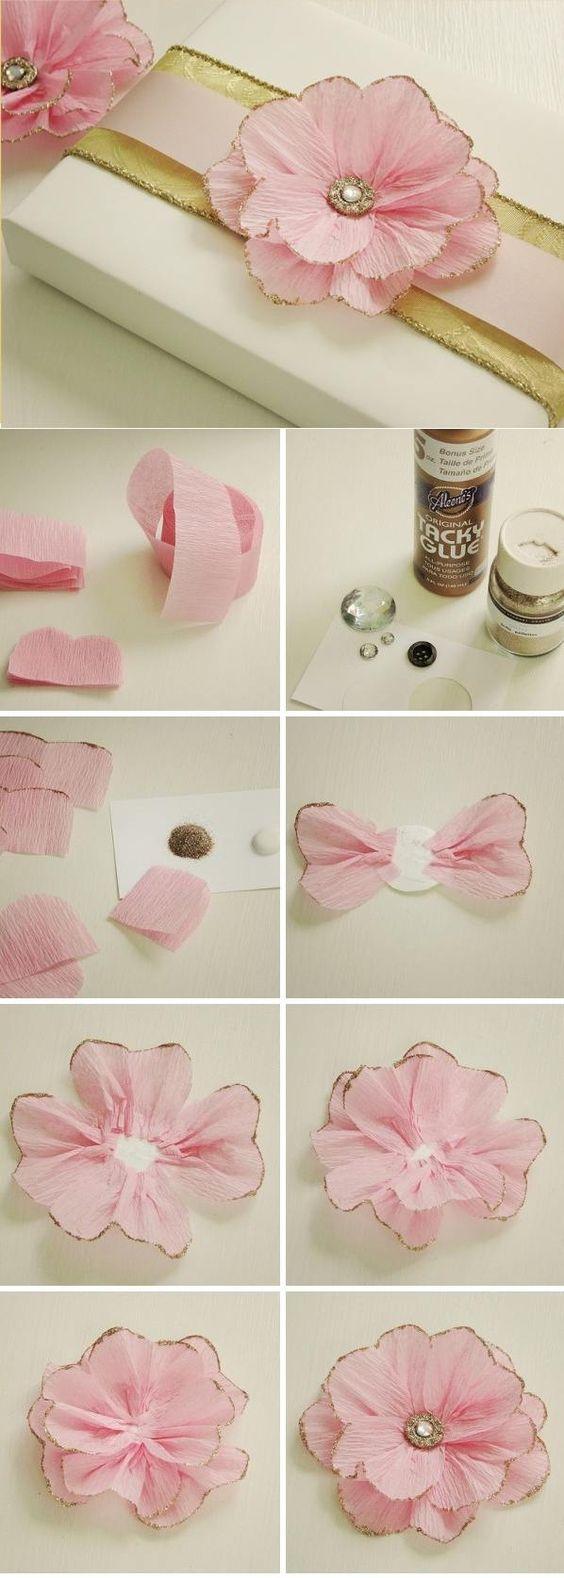 Blumen muttertag ideen dekoration geschenk krepppapier for Dekoration rosa